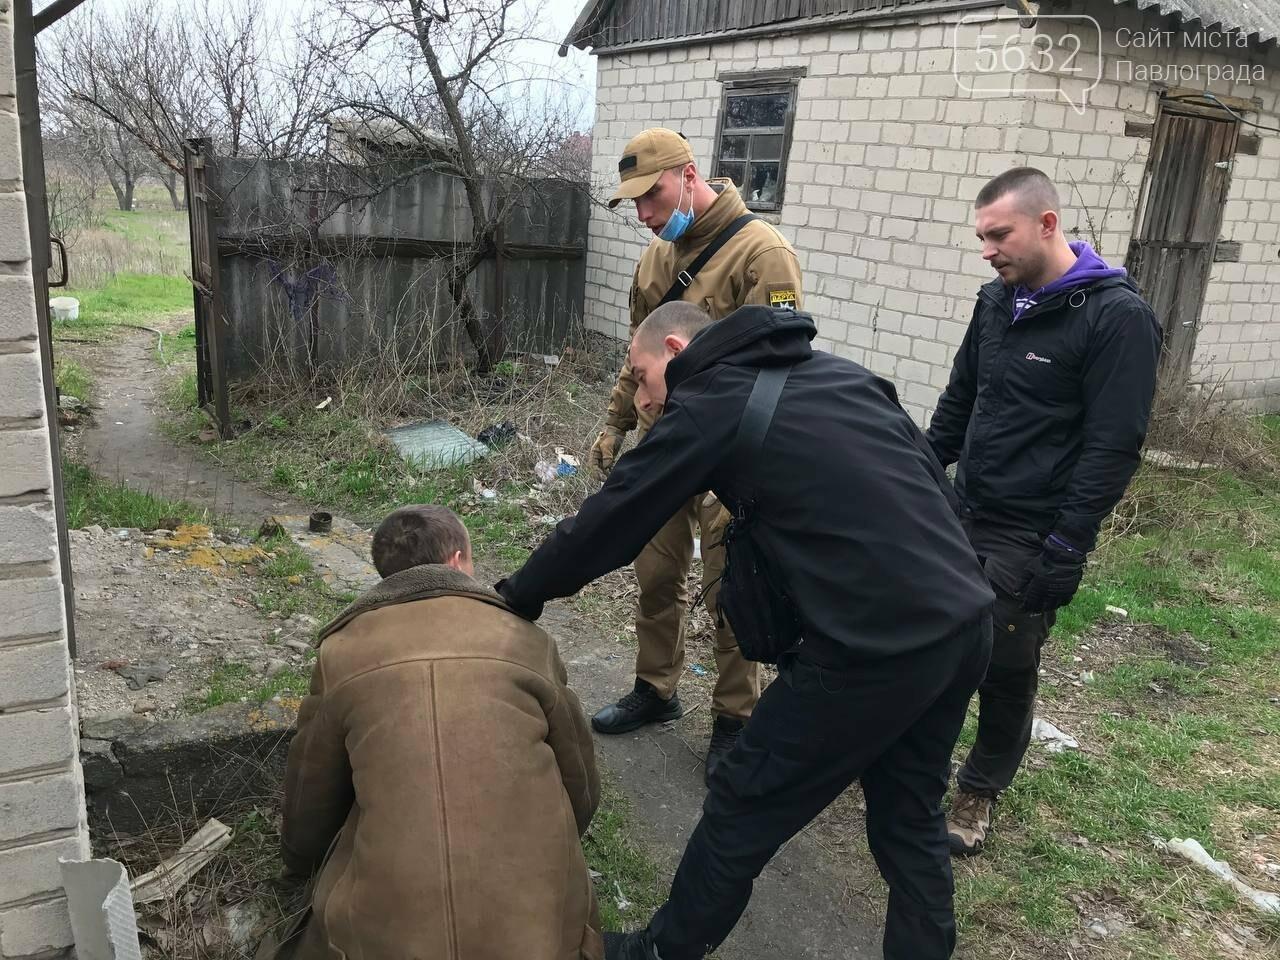 В Павлограде спасли собаку, которую держал в подвальном помещении нерадивый хозяин, фото-3